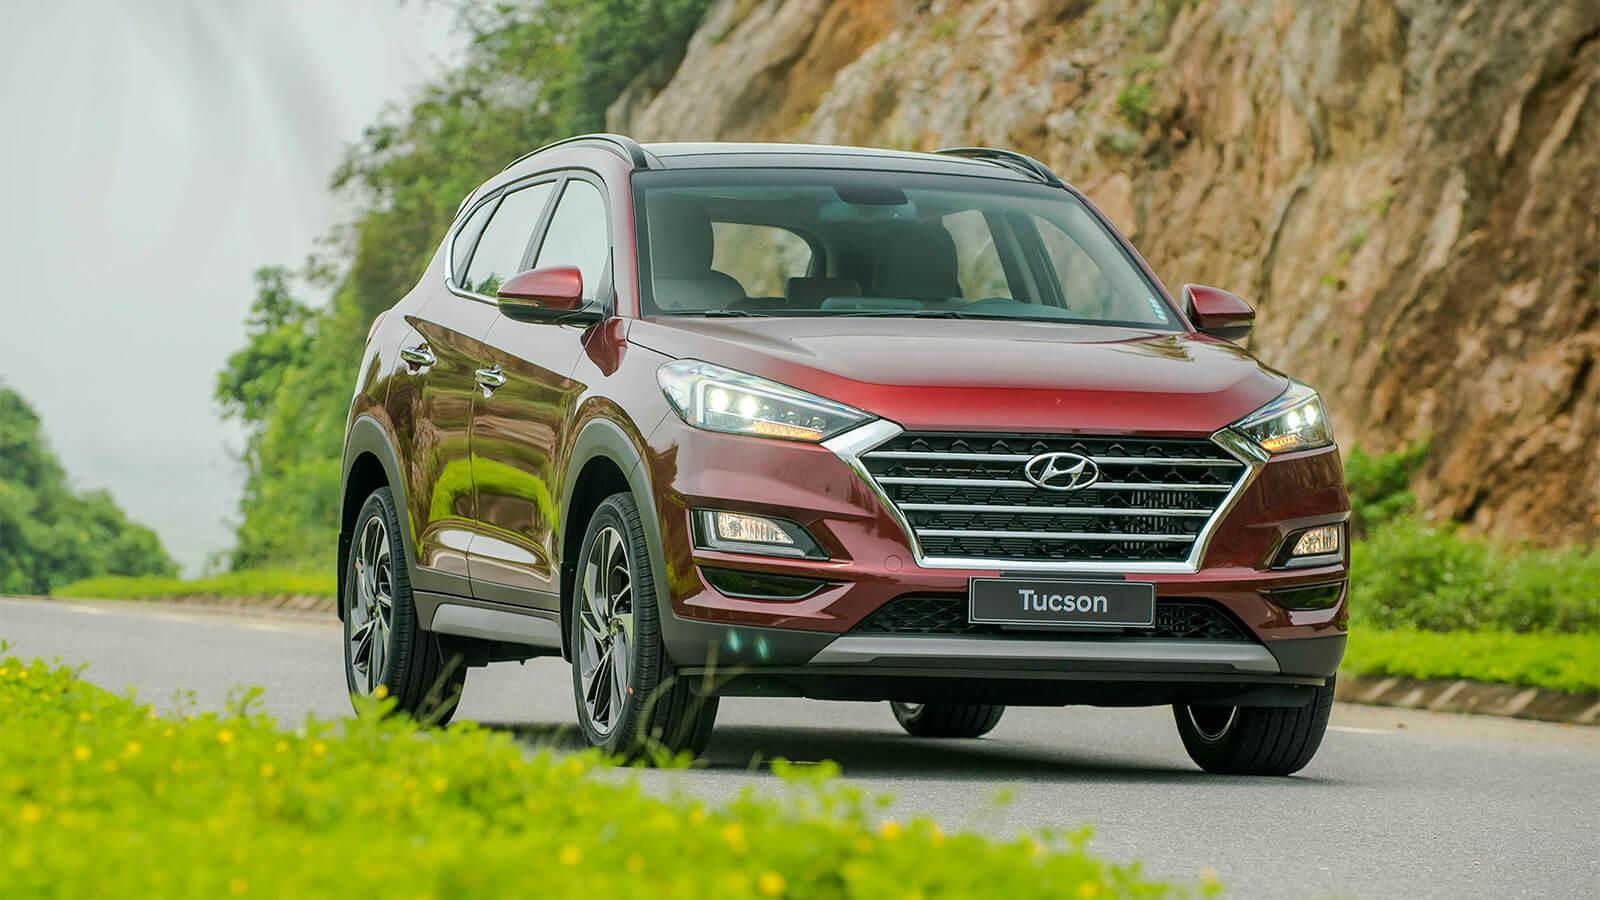 Báo giá xe Hyundai Tucson 2.0 xăng bản đặc biệt mới nhất 2019